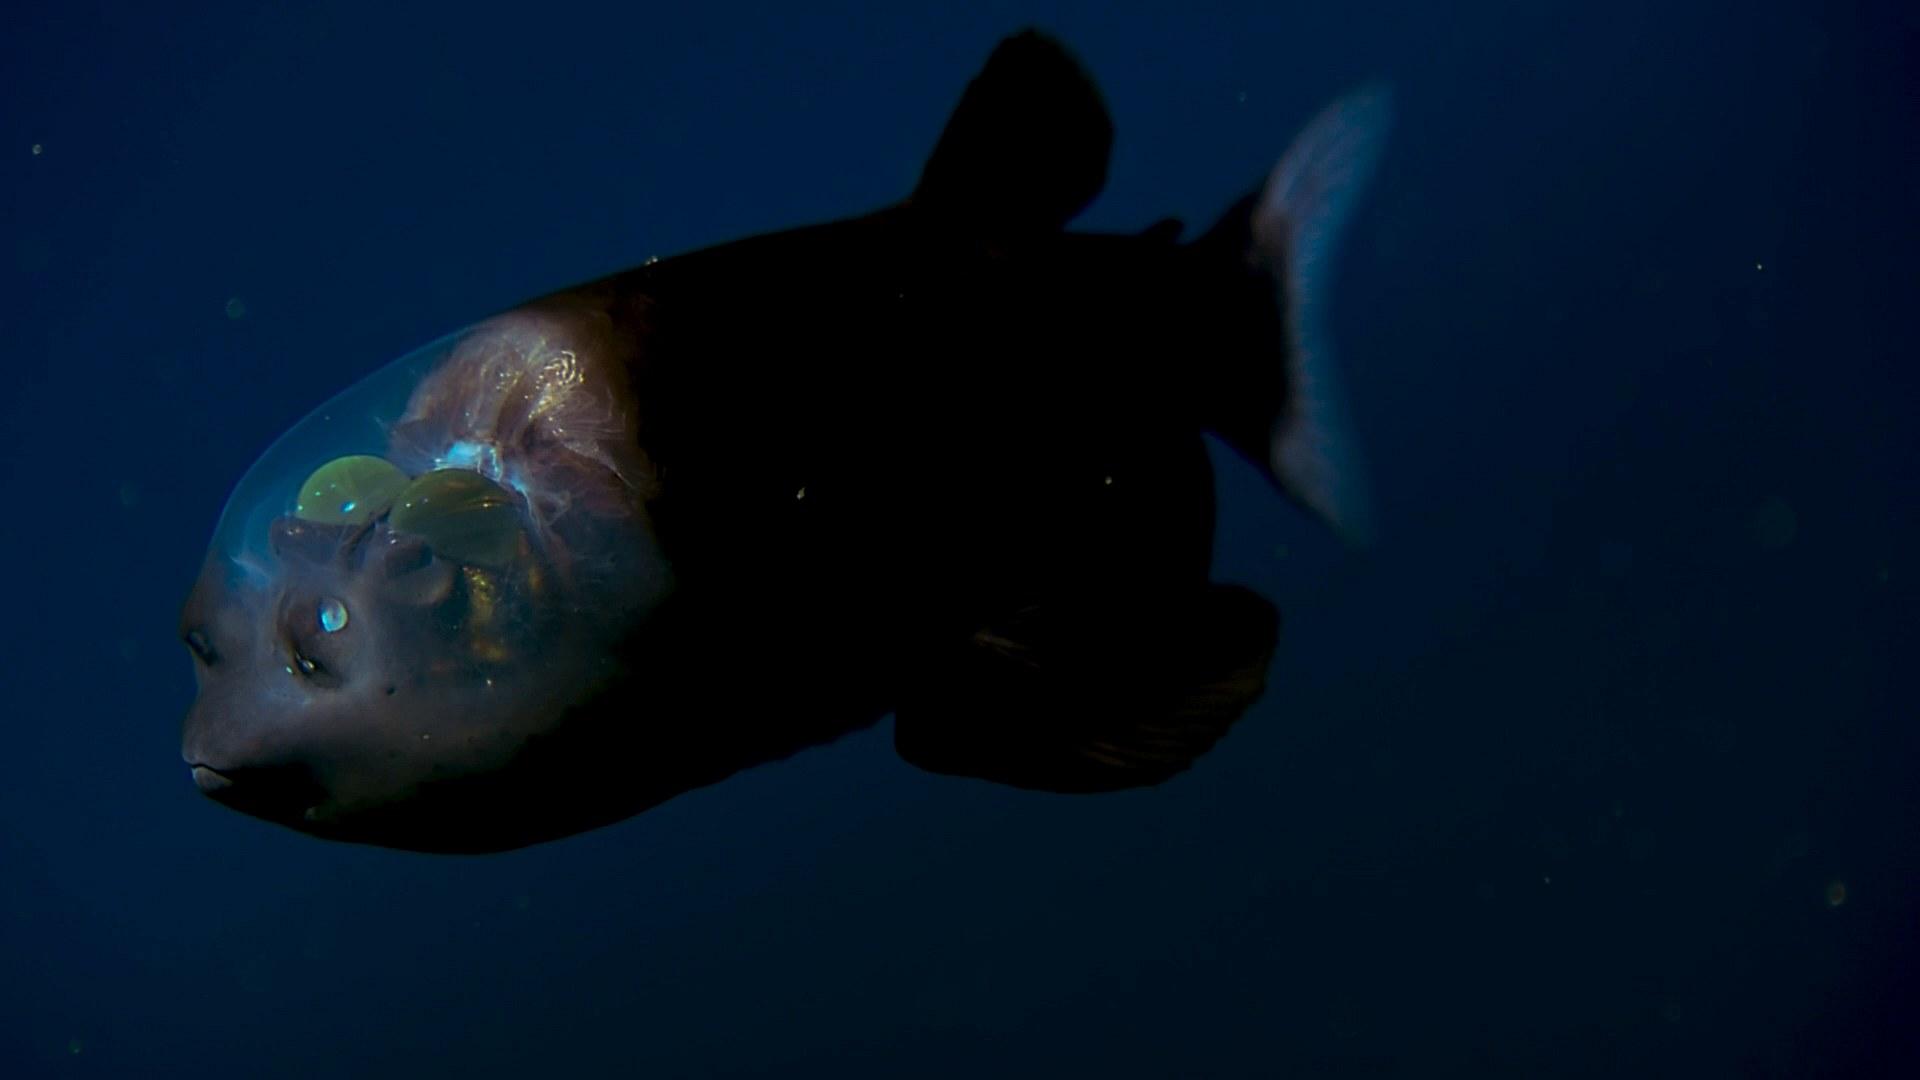 фото рыбы с прозрачной головой путешествие